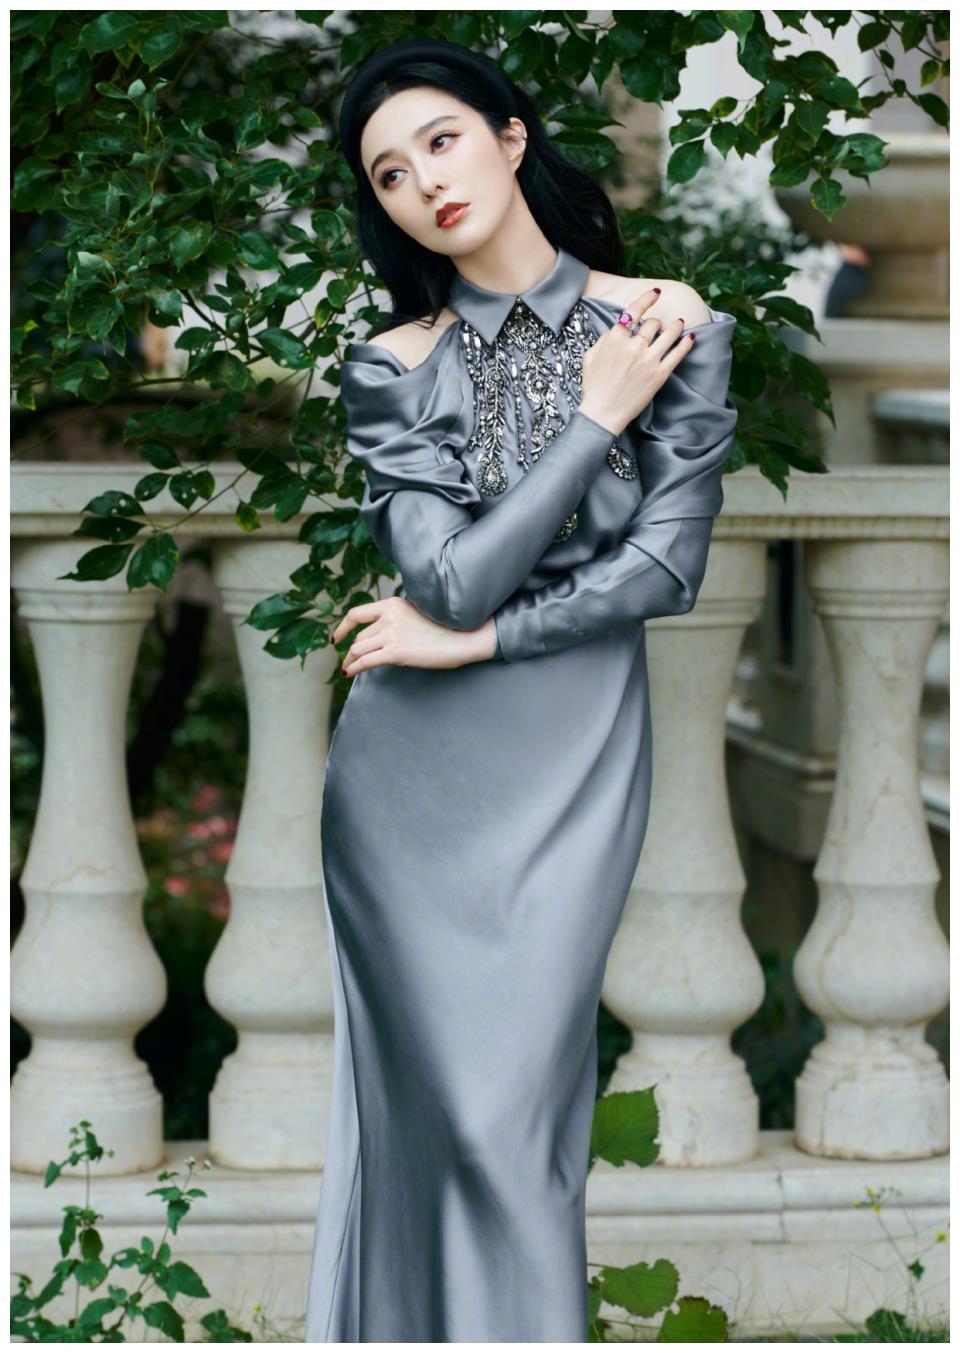 范冰冰的美太高级了,穿缎面高定连衣裙高贵典雅,比超模更出众